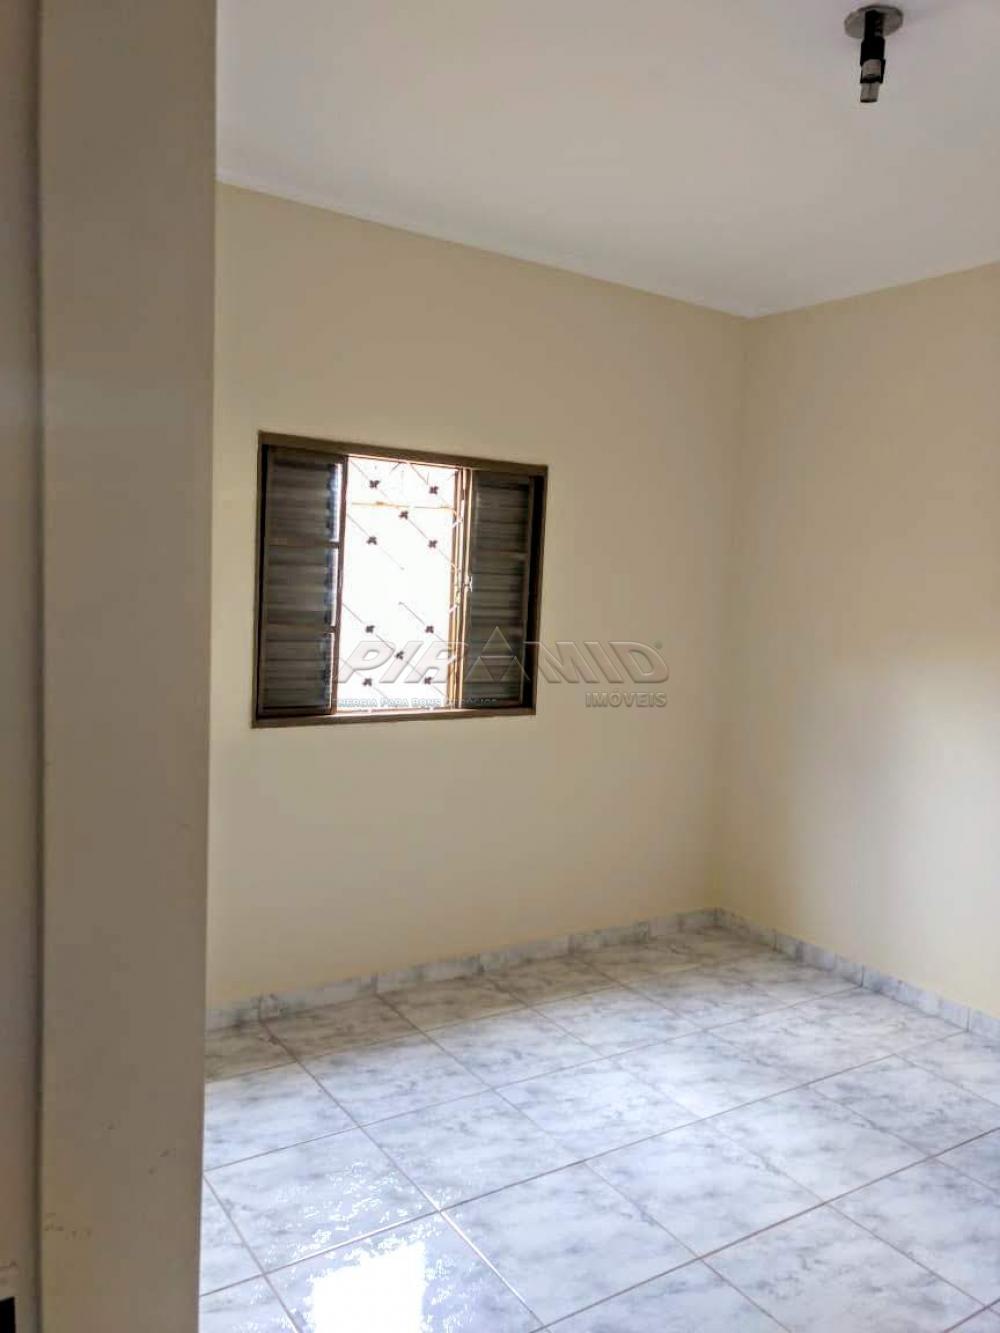 Comprar Casa / Padrão em Ribeirão Preto apenas R$ 155.000,00 - Foto 8